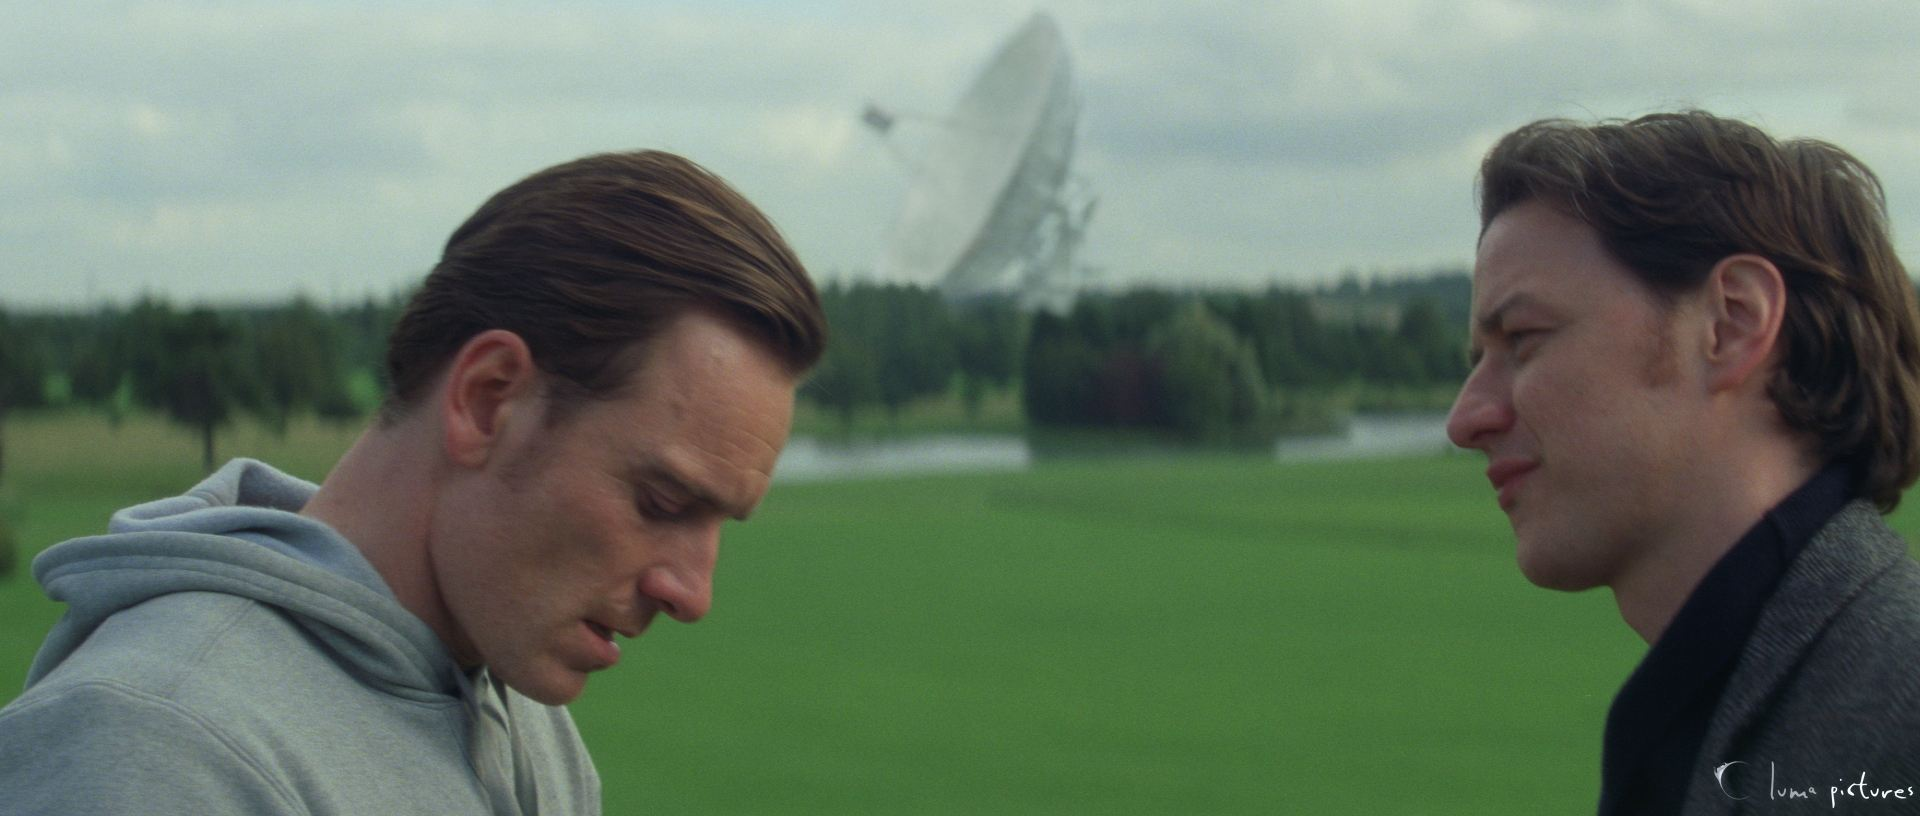 кадры из фильма Люди Икс: Первый класс Майкл Фассбендер, Джеймс МакЭвой,